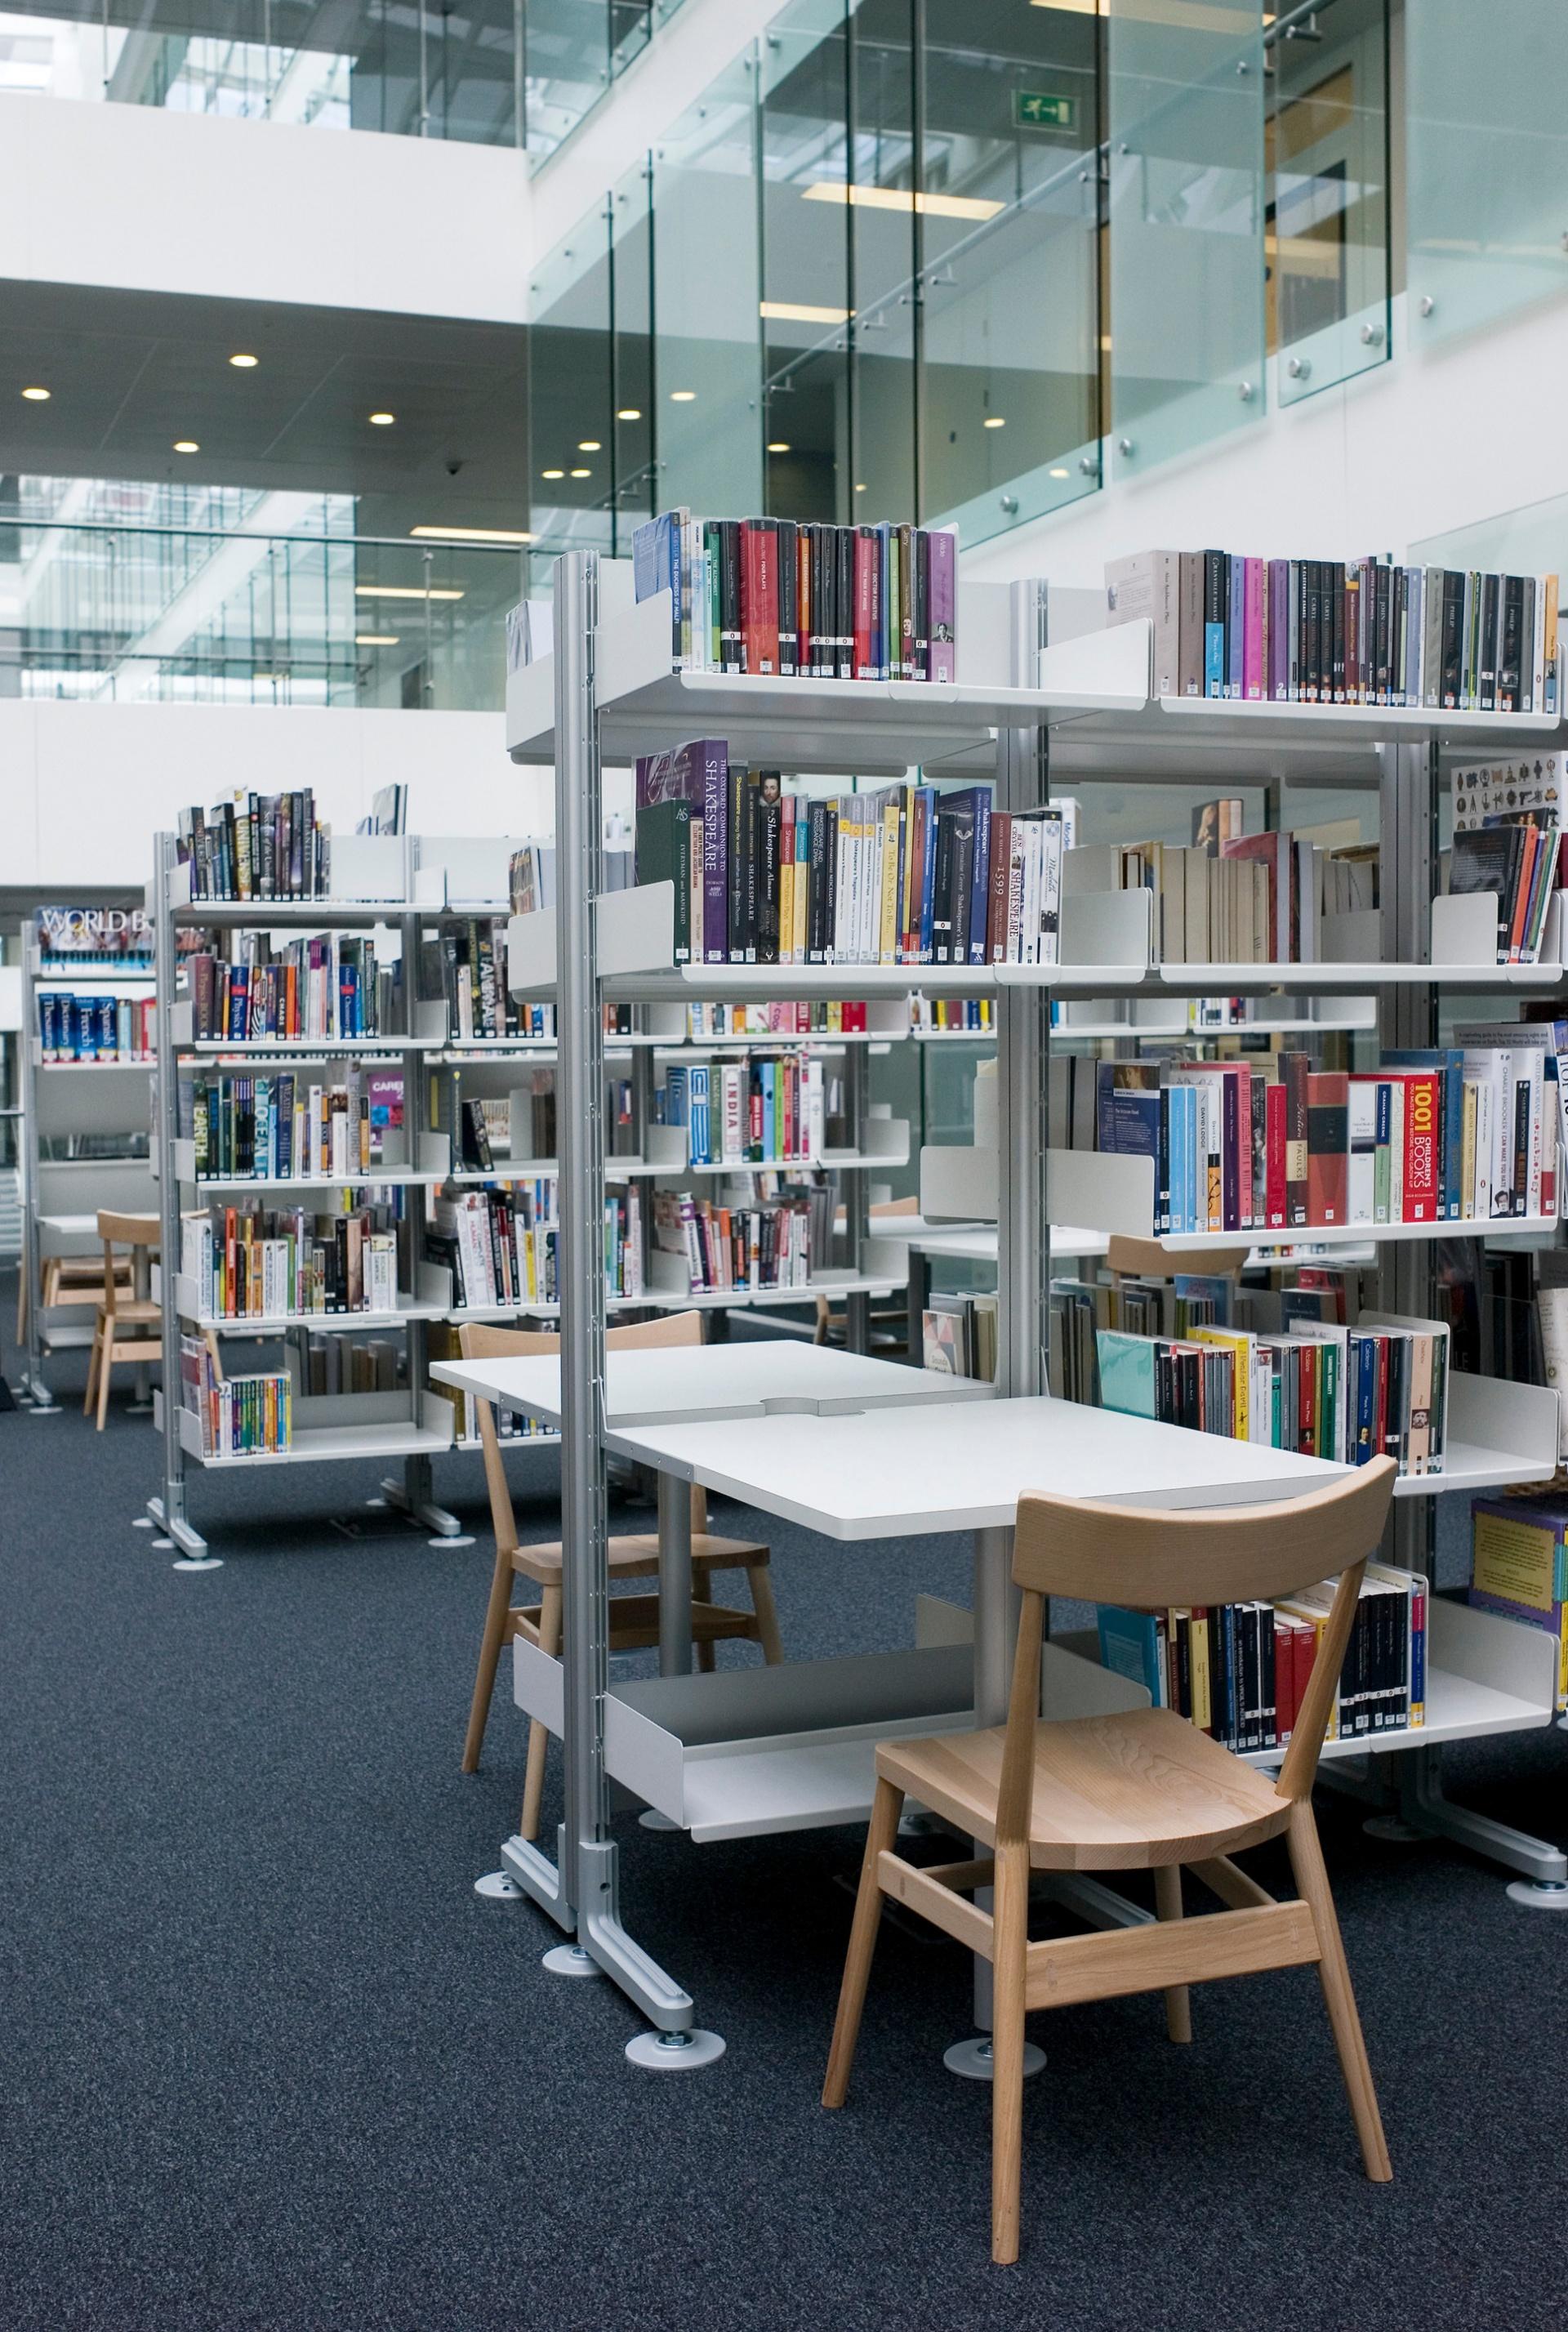 Direkt in die Regale integrierte Einhängetische schaffen Arbeitsplätze in der Bibliothek.